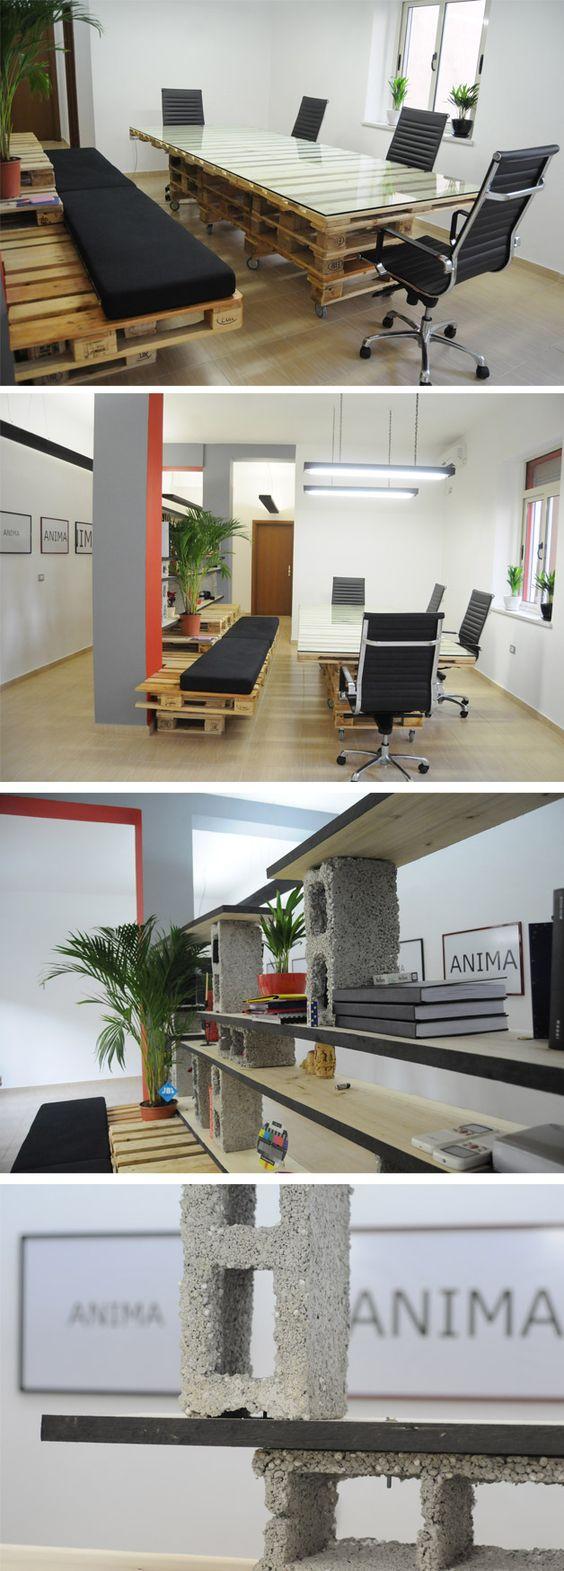 decoracao-para-ambientes-de-trabalho-sugestoes